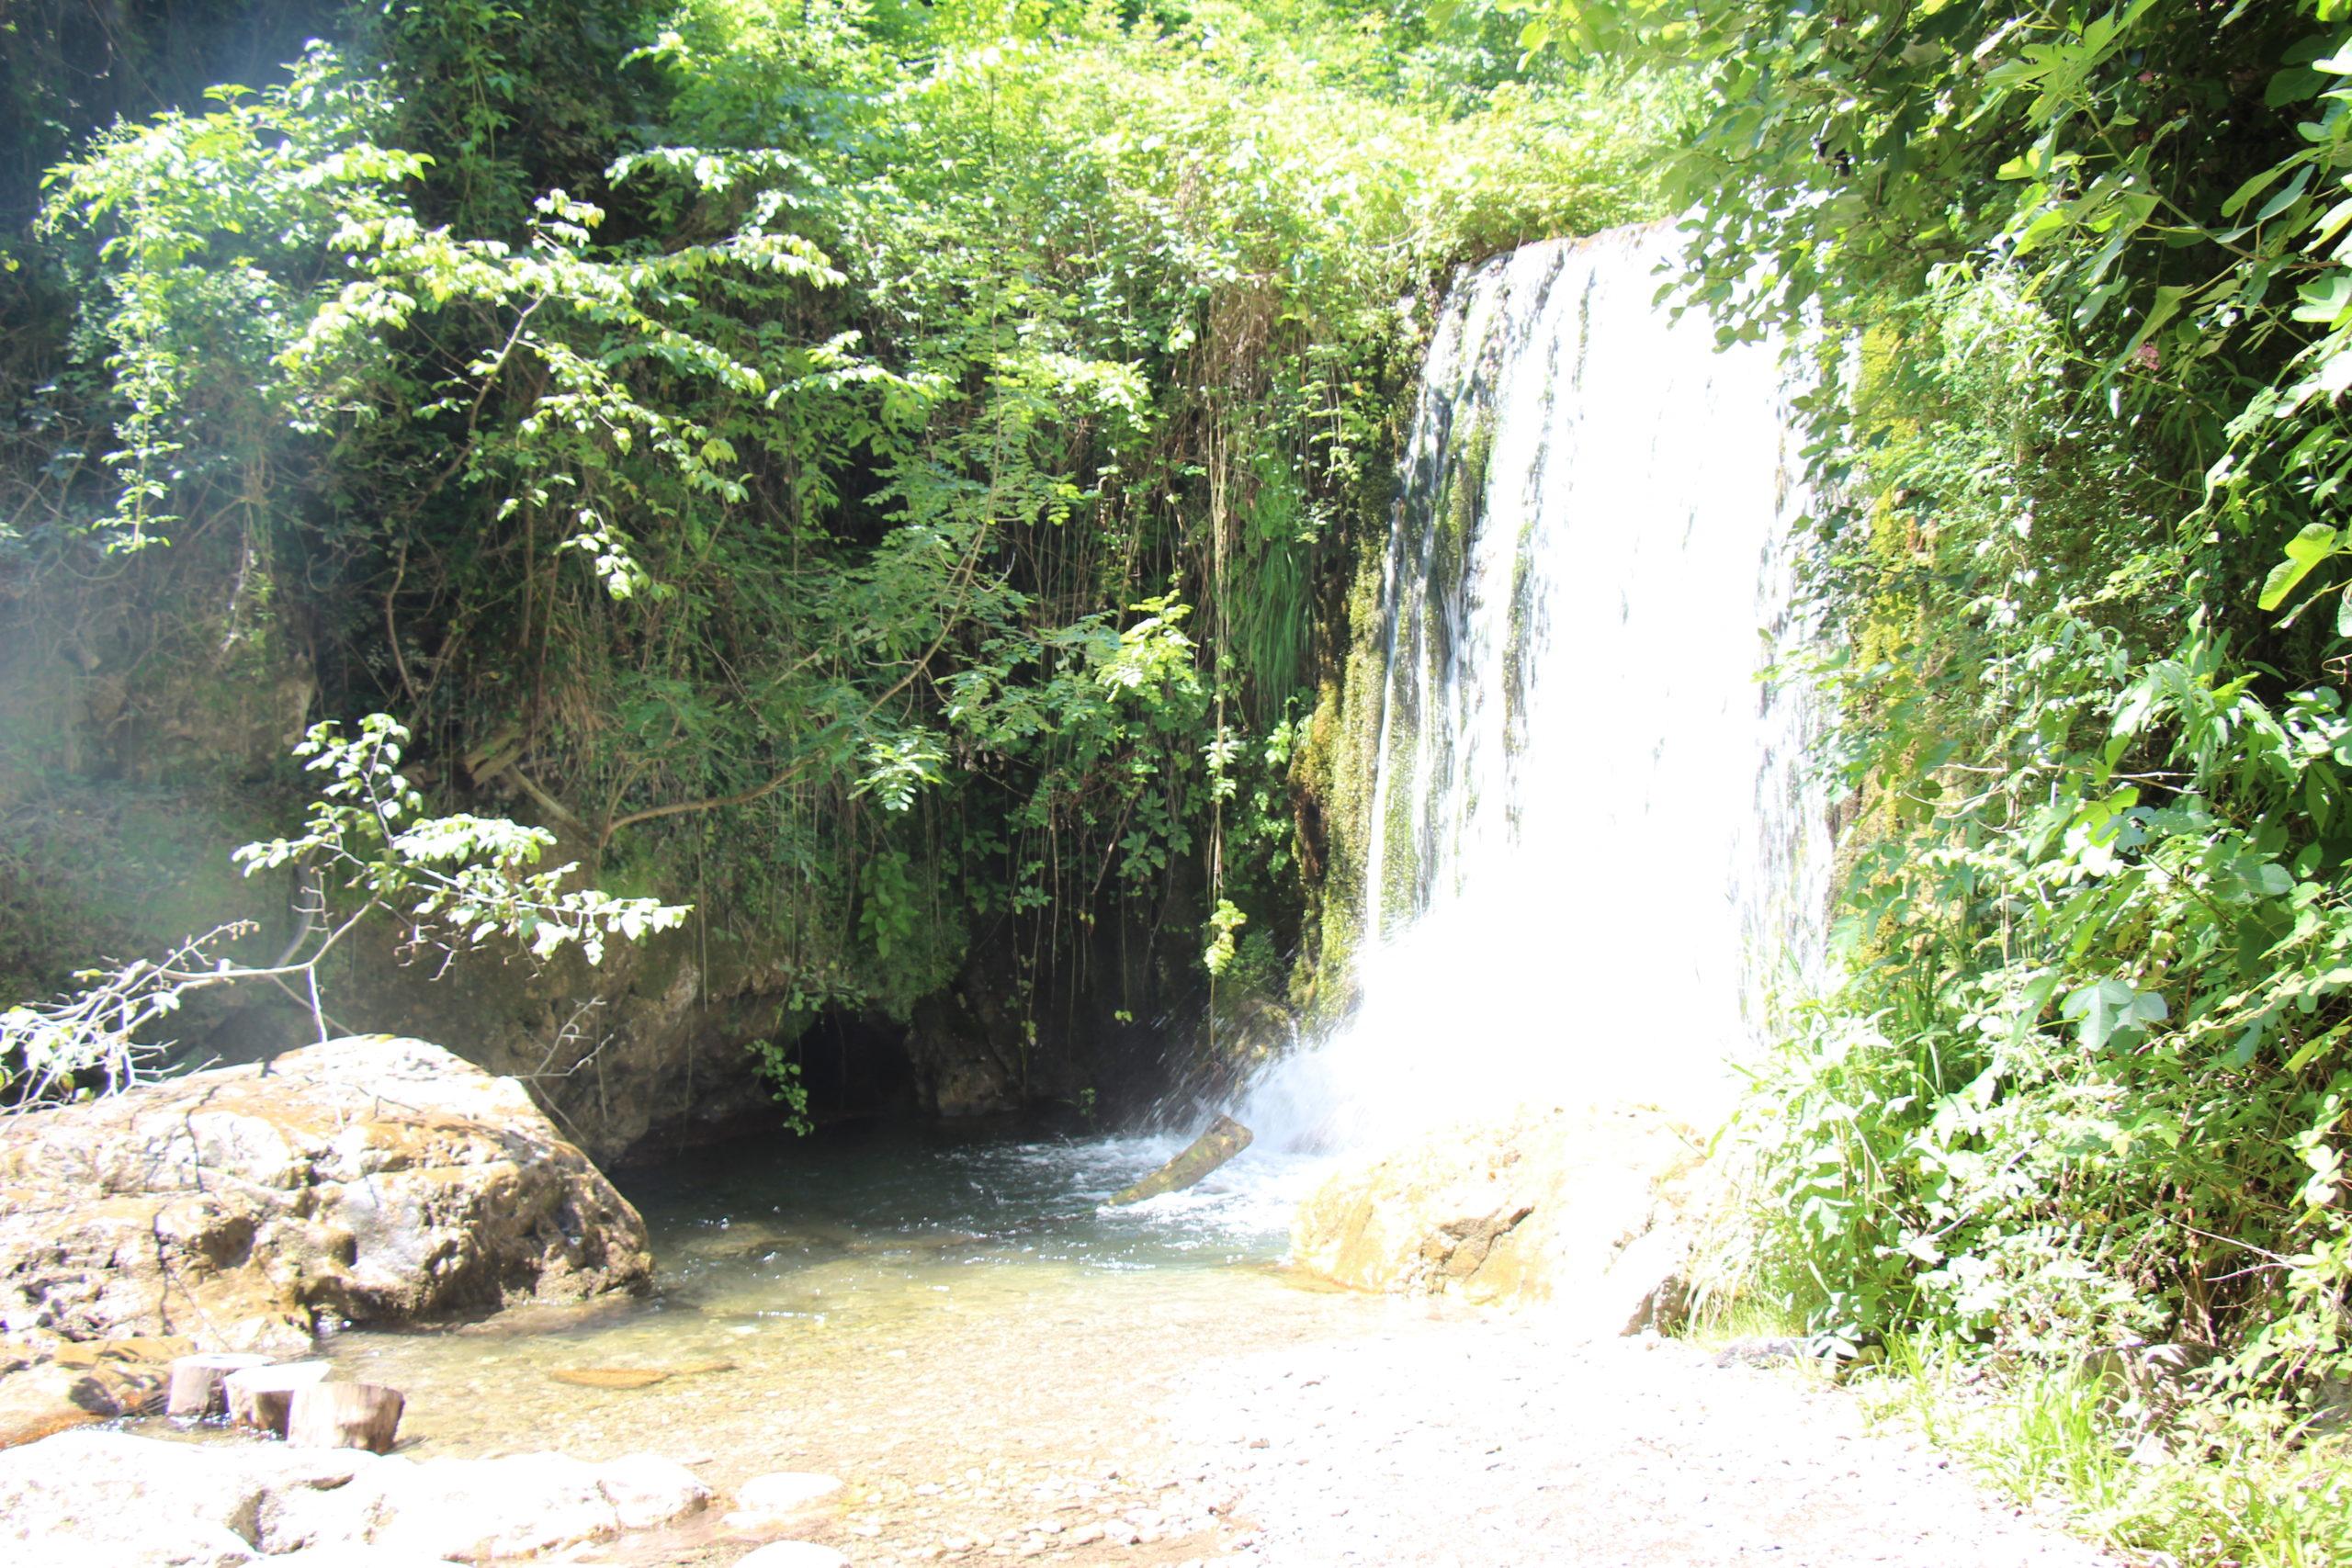 Parco Regionale dei Monti Lattari